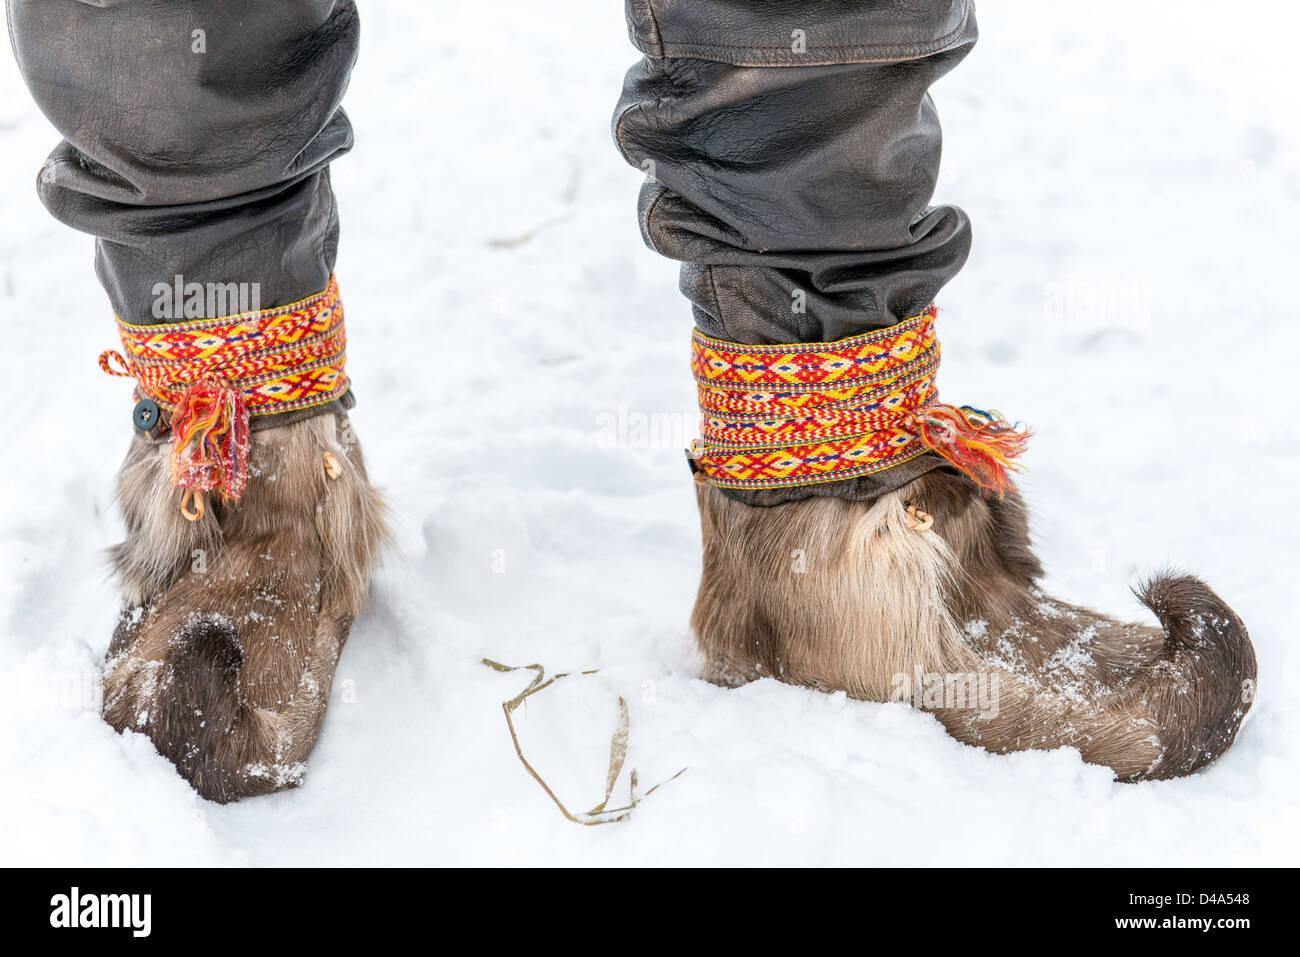 Popolazione Sami uomo Lapponia svedese Svezia Scandinavia Immagini Stock